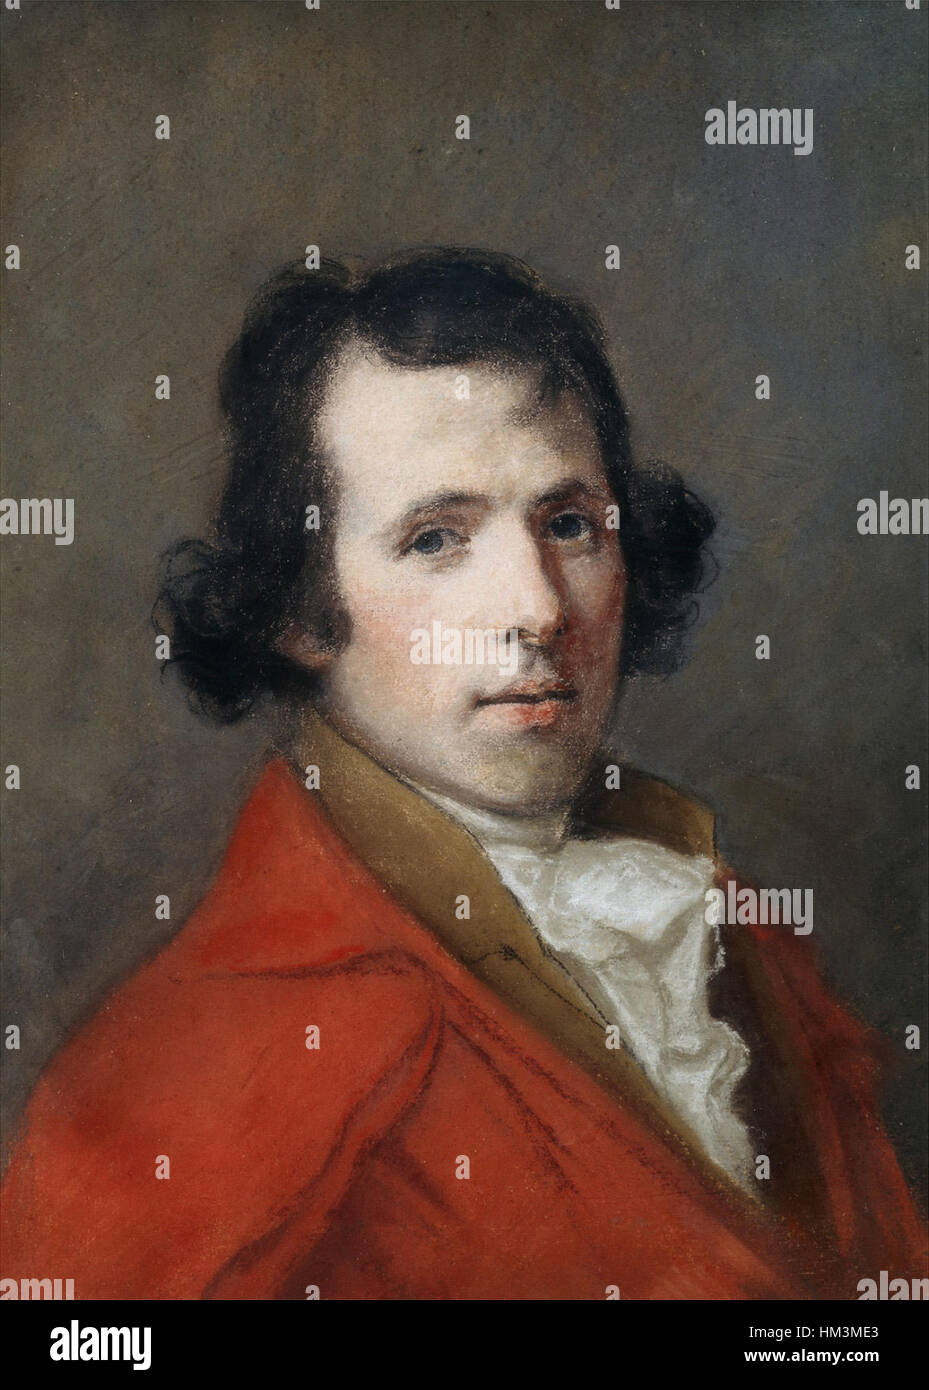 Hugh Douglas Hamilton - Portrait of Antonio Canova - Stock Image